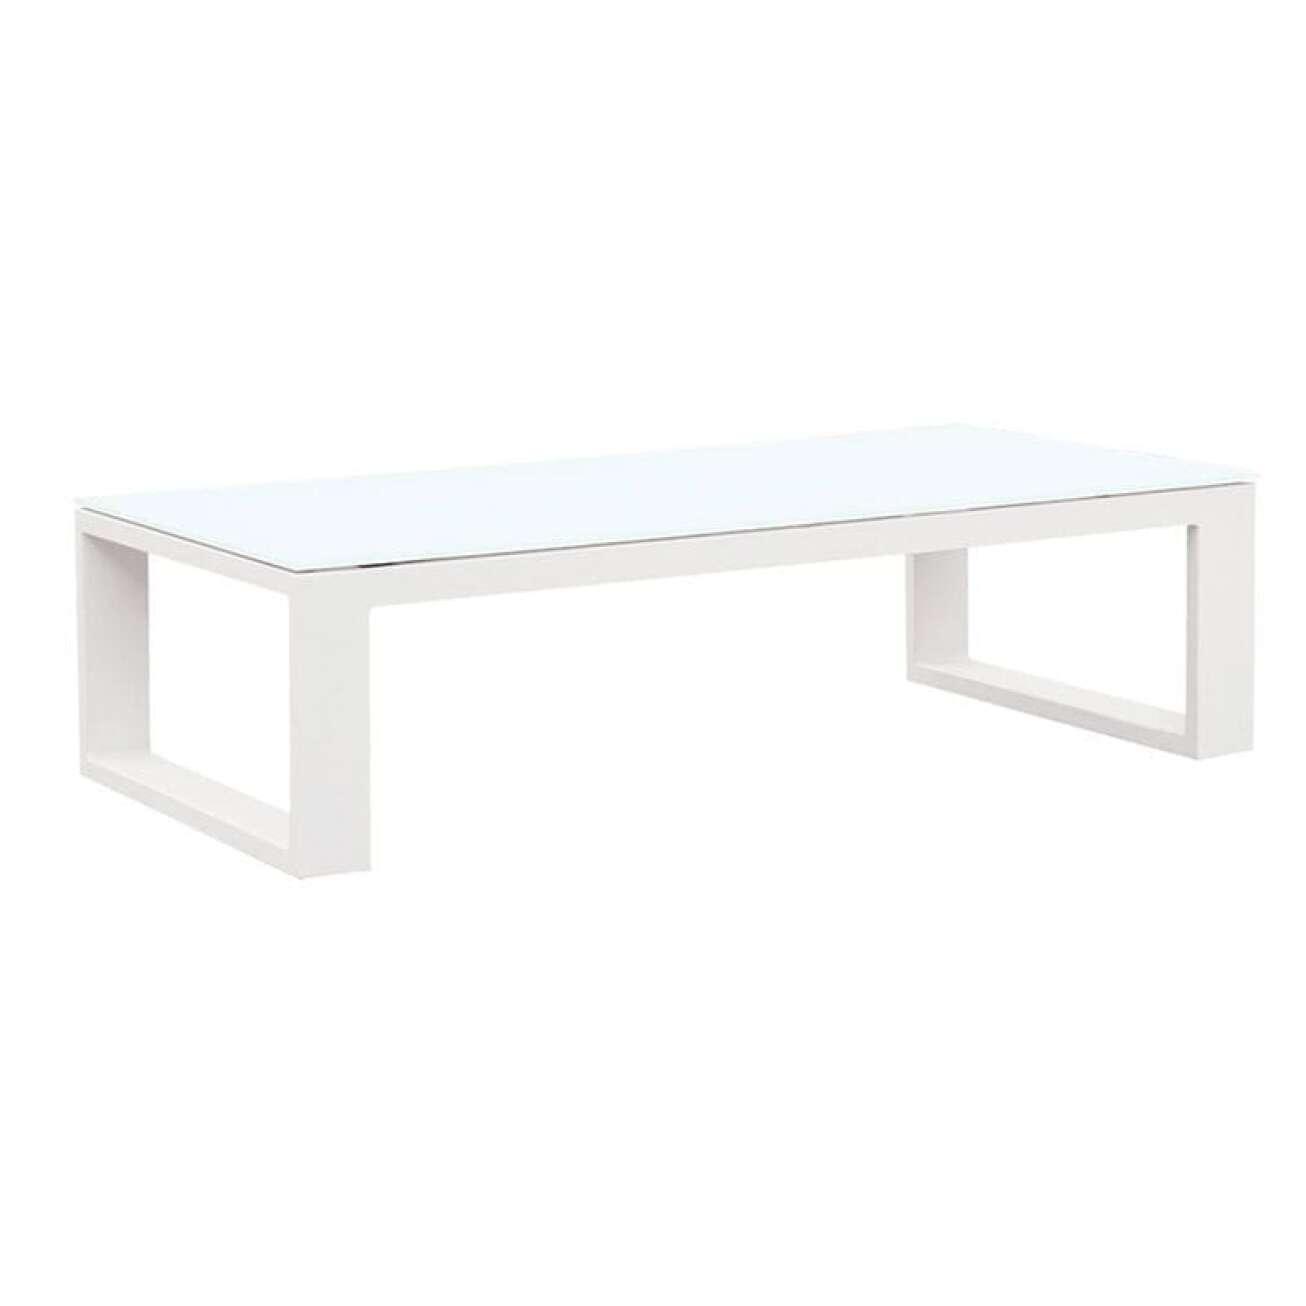 Gardenart Sofabord I Hvit Aluminium M/glassplate (100606hvit) Hagemøbler og utemøbler - Fine design